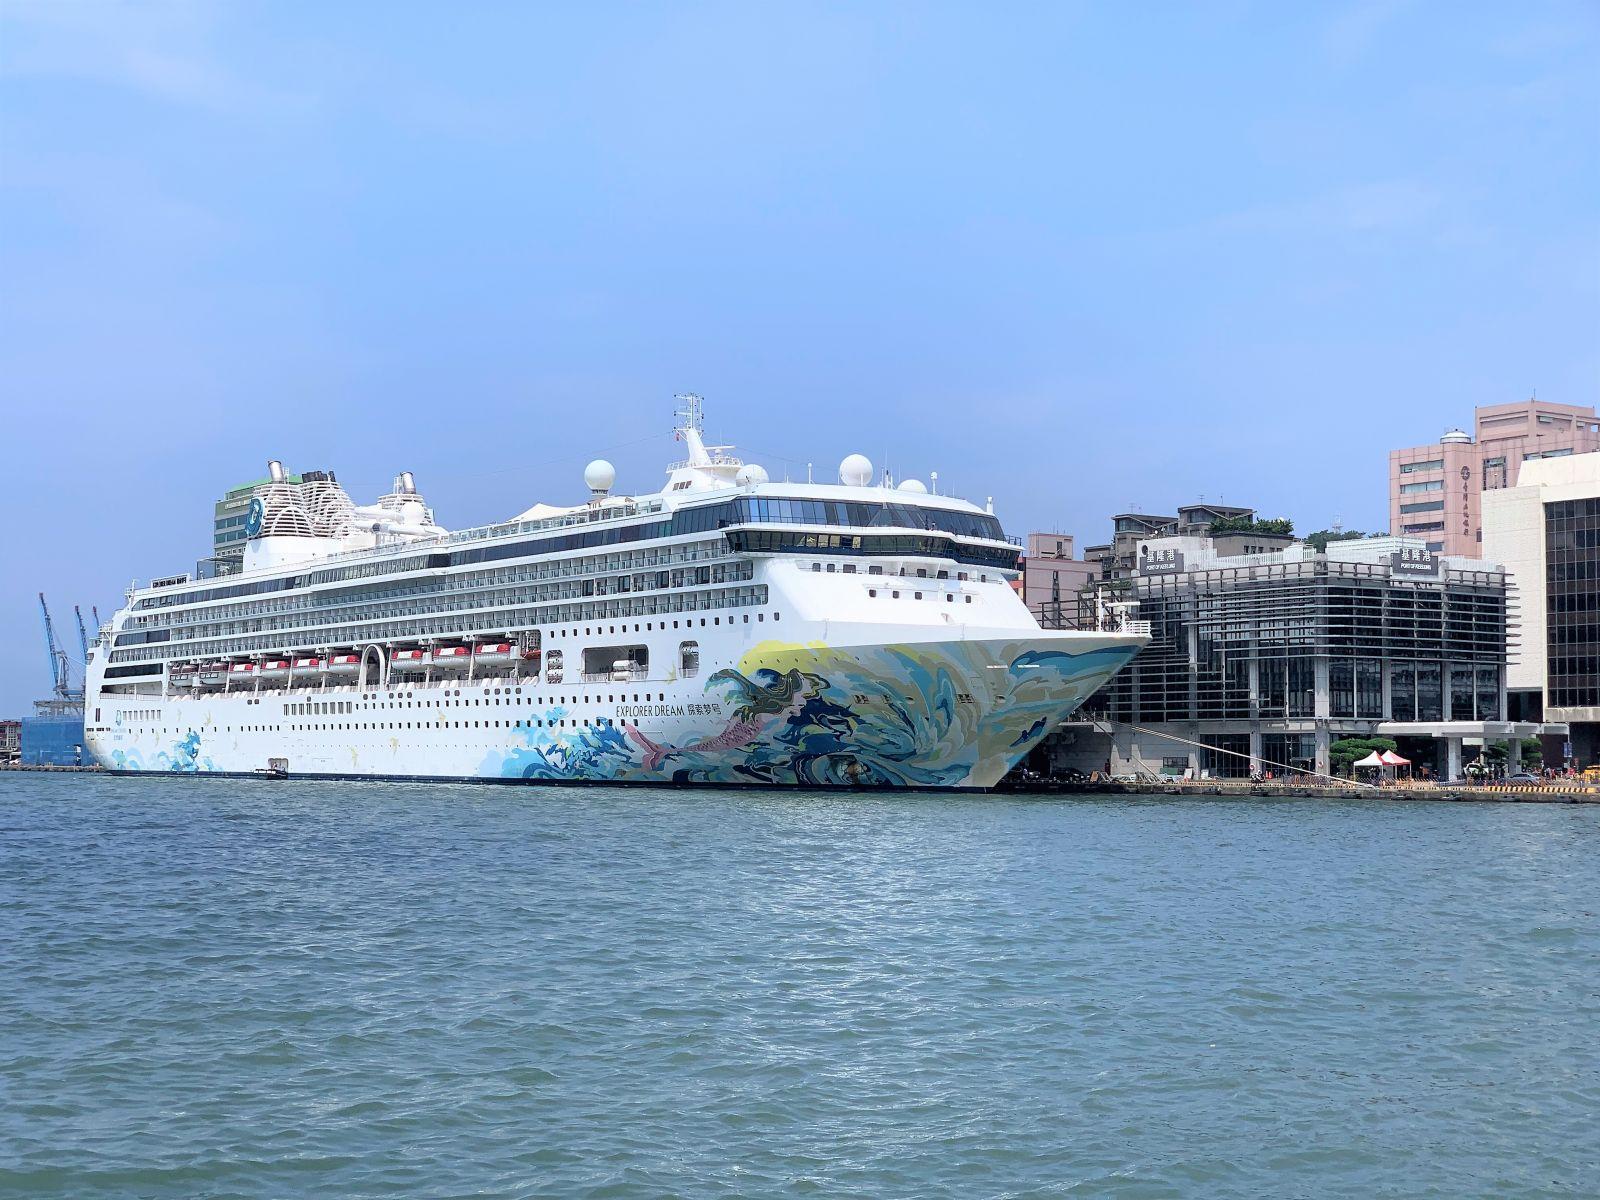 行程一推出就賣光、等候補也甘願!「探索夢號」如何滿足「類出國」需求,成台灣最夯旅遊體驗?